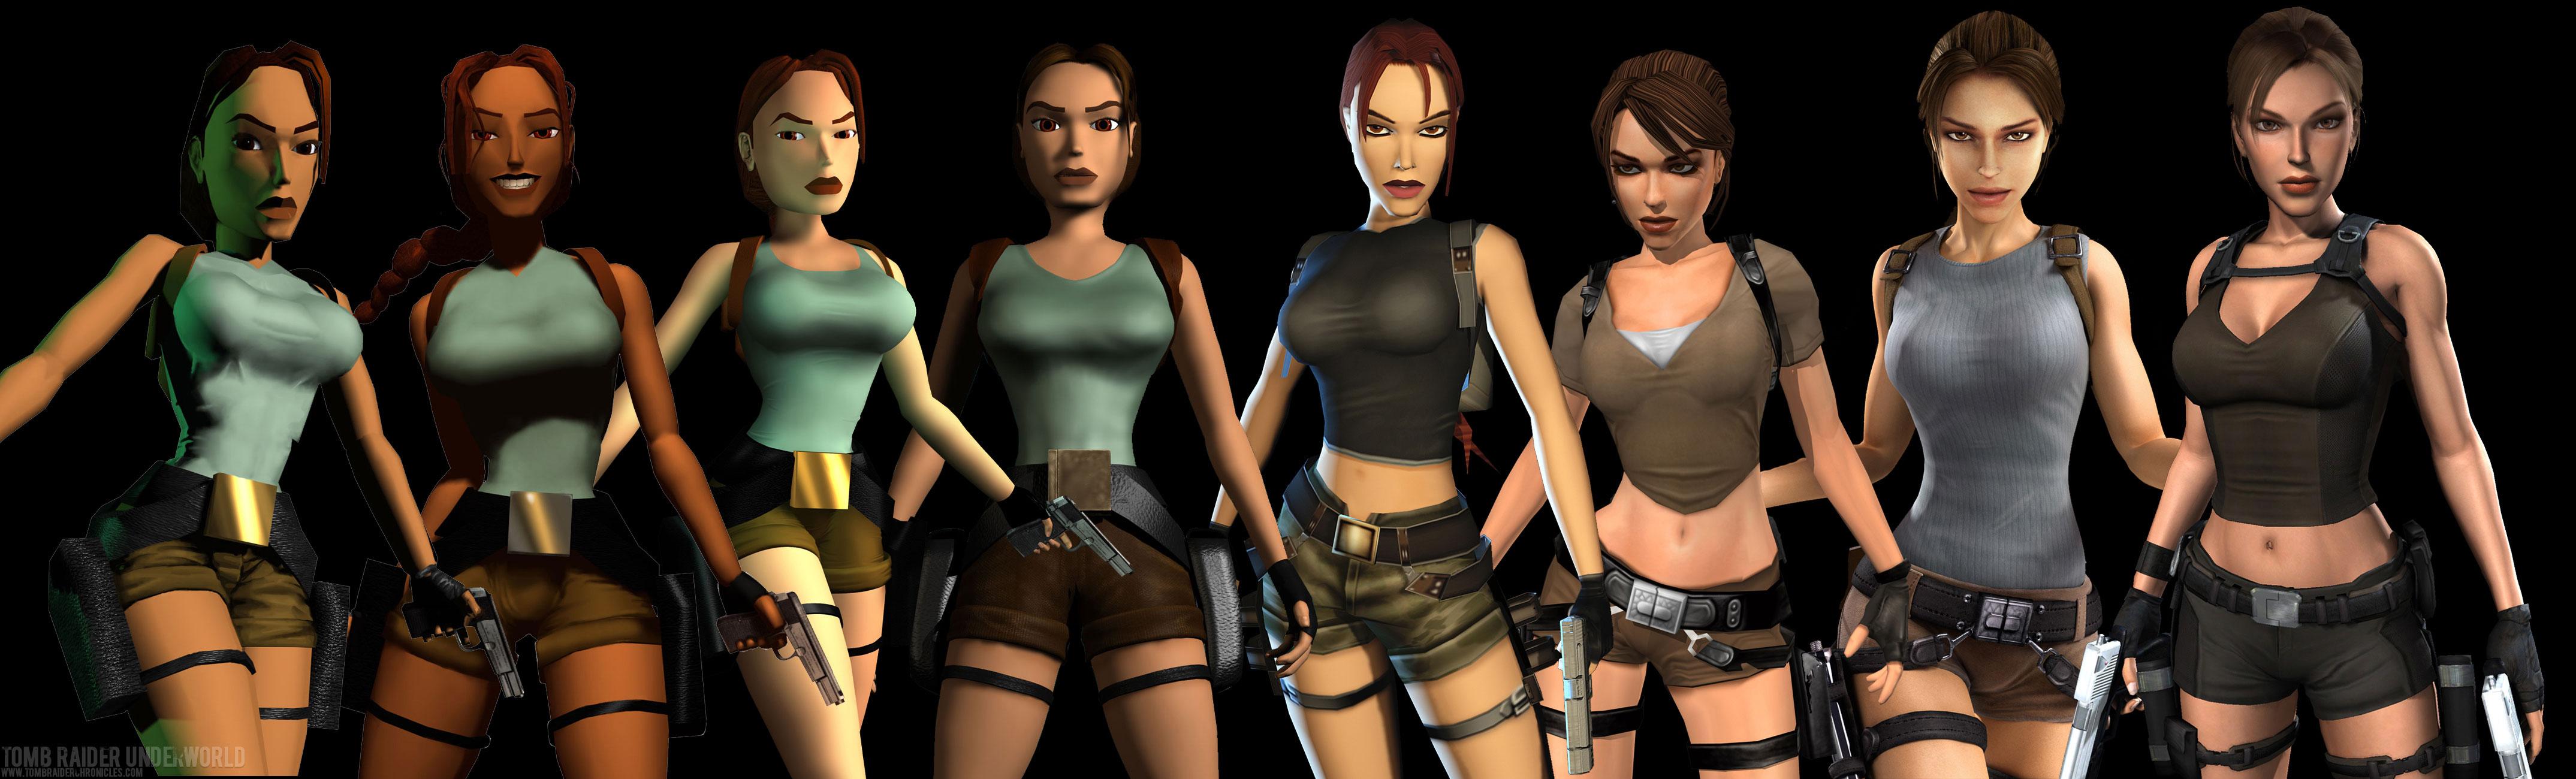 Lara Over The Years